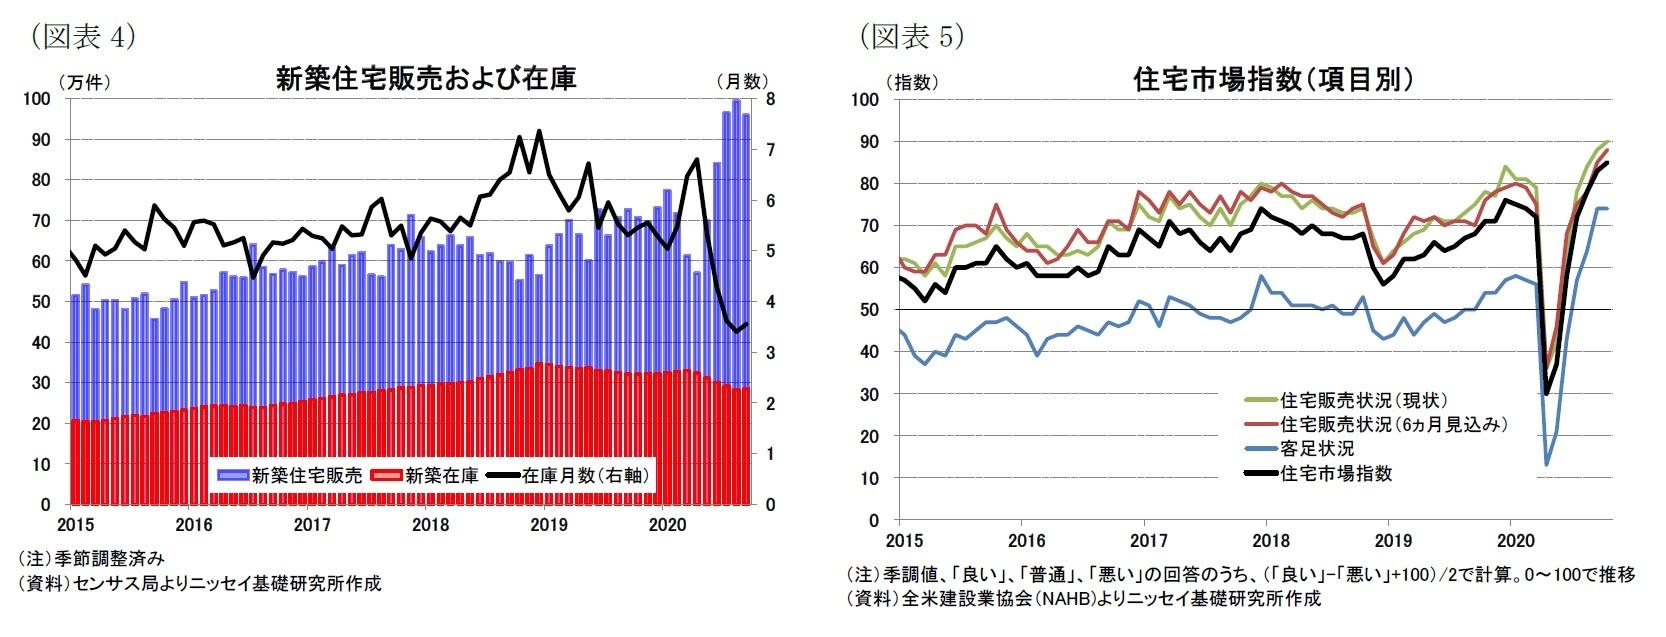 (図表4)新築住宅販売および在庫/(図表5)住宅市場指数(項目別)